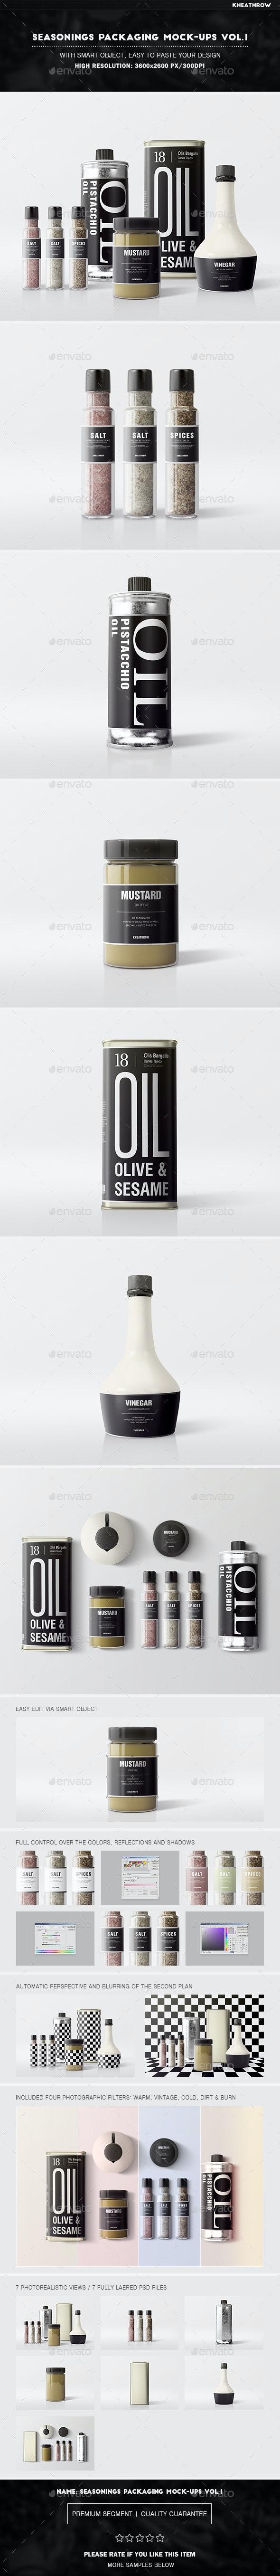 Seasonings Packaging Mock-Ups Vol.1 - Food and Drink Packaging